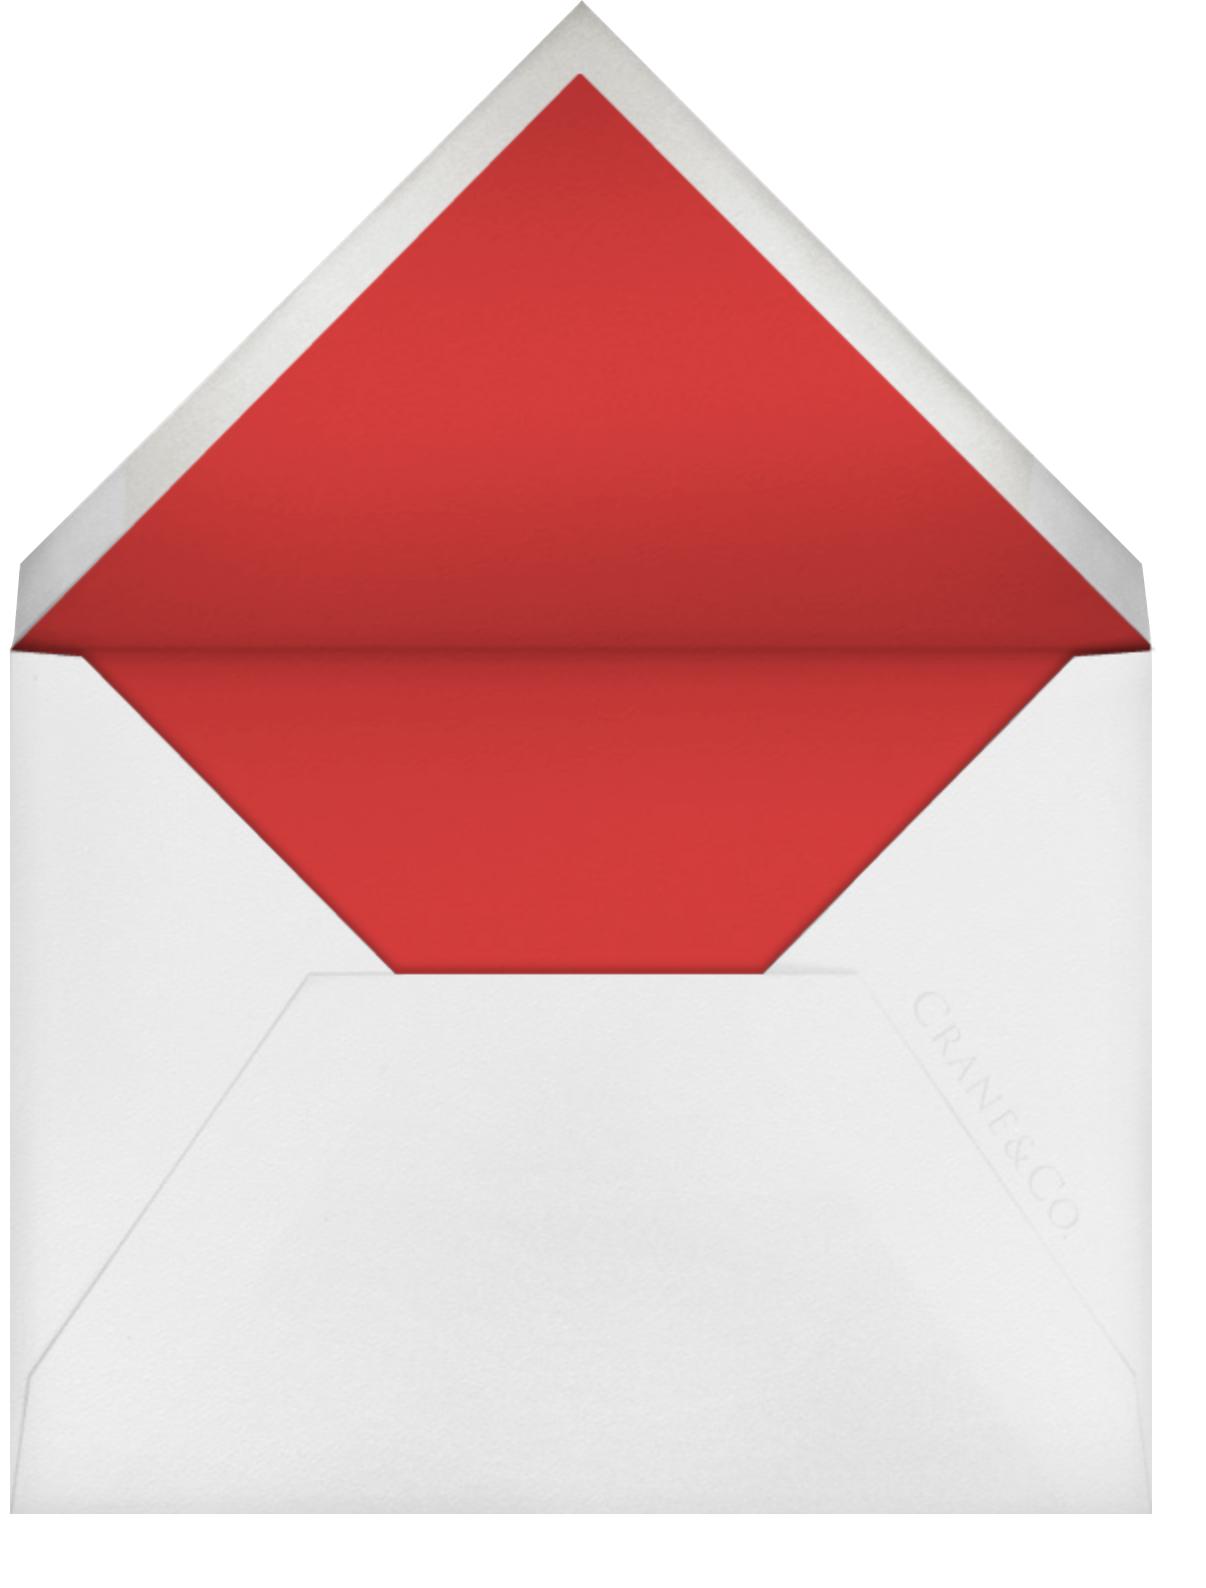 Tie the Knot - Red - Oscar de la Renta - Oscar de la Renta - envelope back